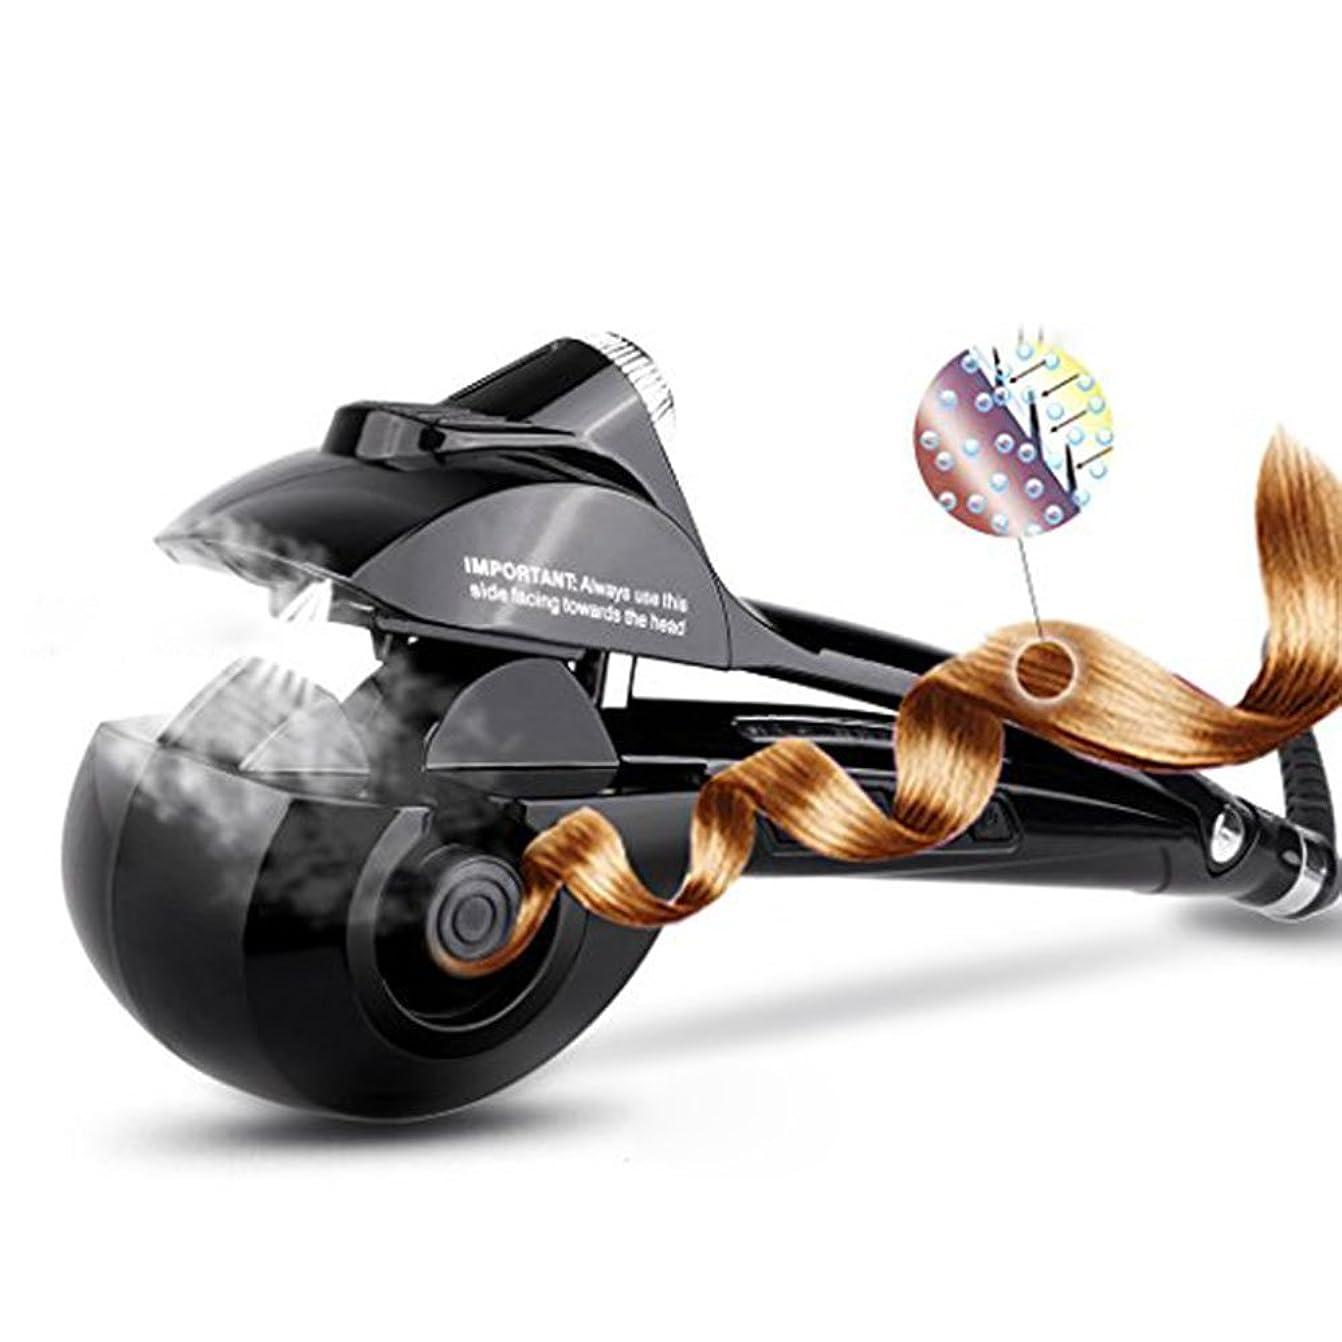 収穫先史時代のこねるオートカールアイロンREAK ヘアアイロン カール オートカールヘアアイロン スチームヘアアイロン アイロン蒸気 8秒自動巻き 自動巻きヘアアイロン スチーム機能 プロ仕様 海外対応 日本語説明書付き (黒)